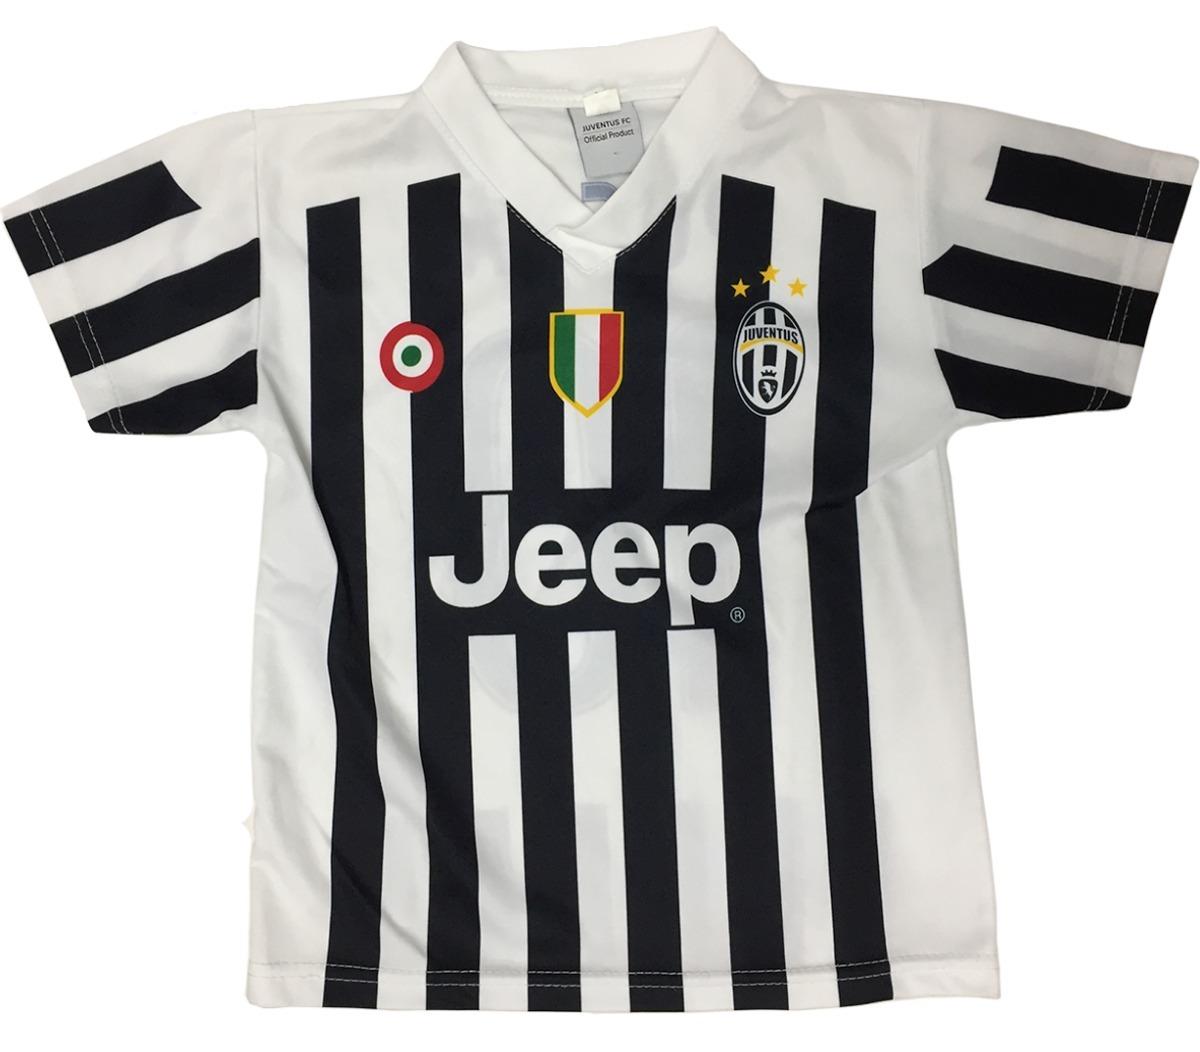 Remera Juventus Pogba Official Product Para Niño -   449 c1b2e71e66d17